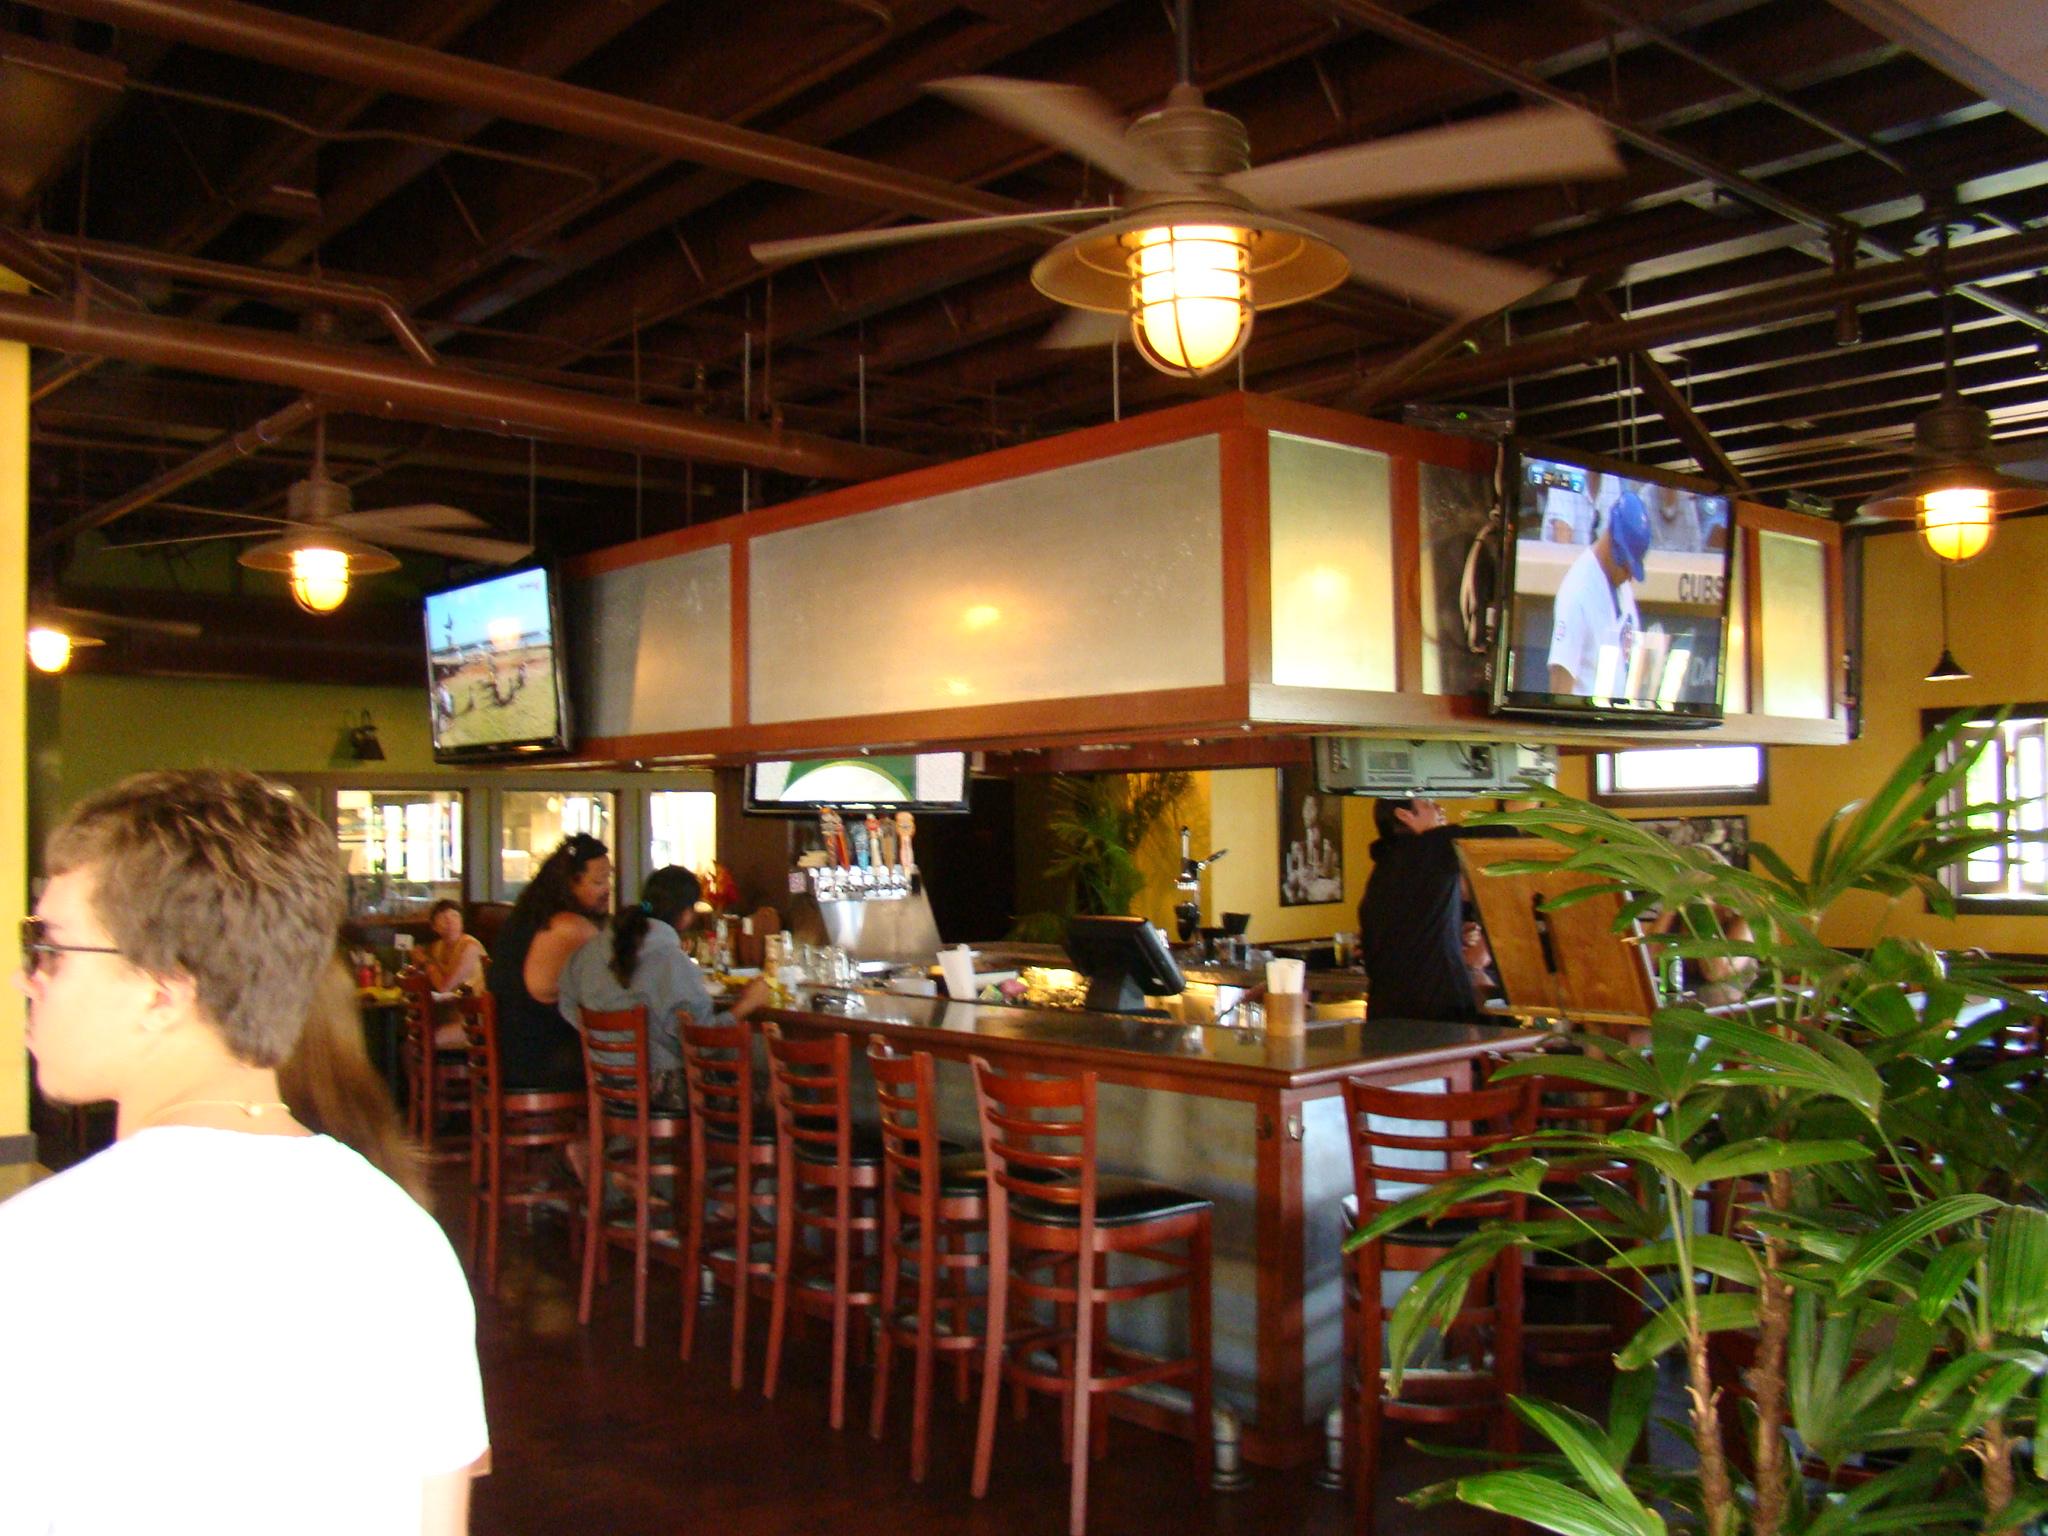 Bar with TVs